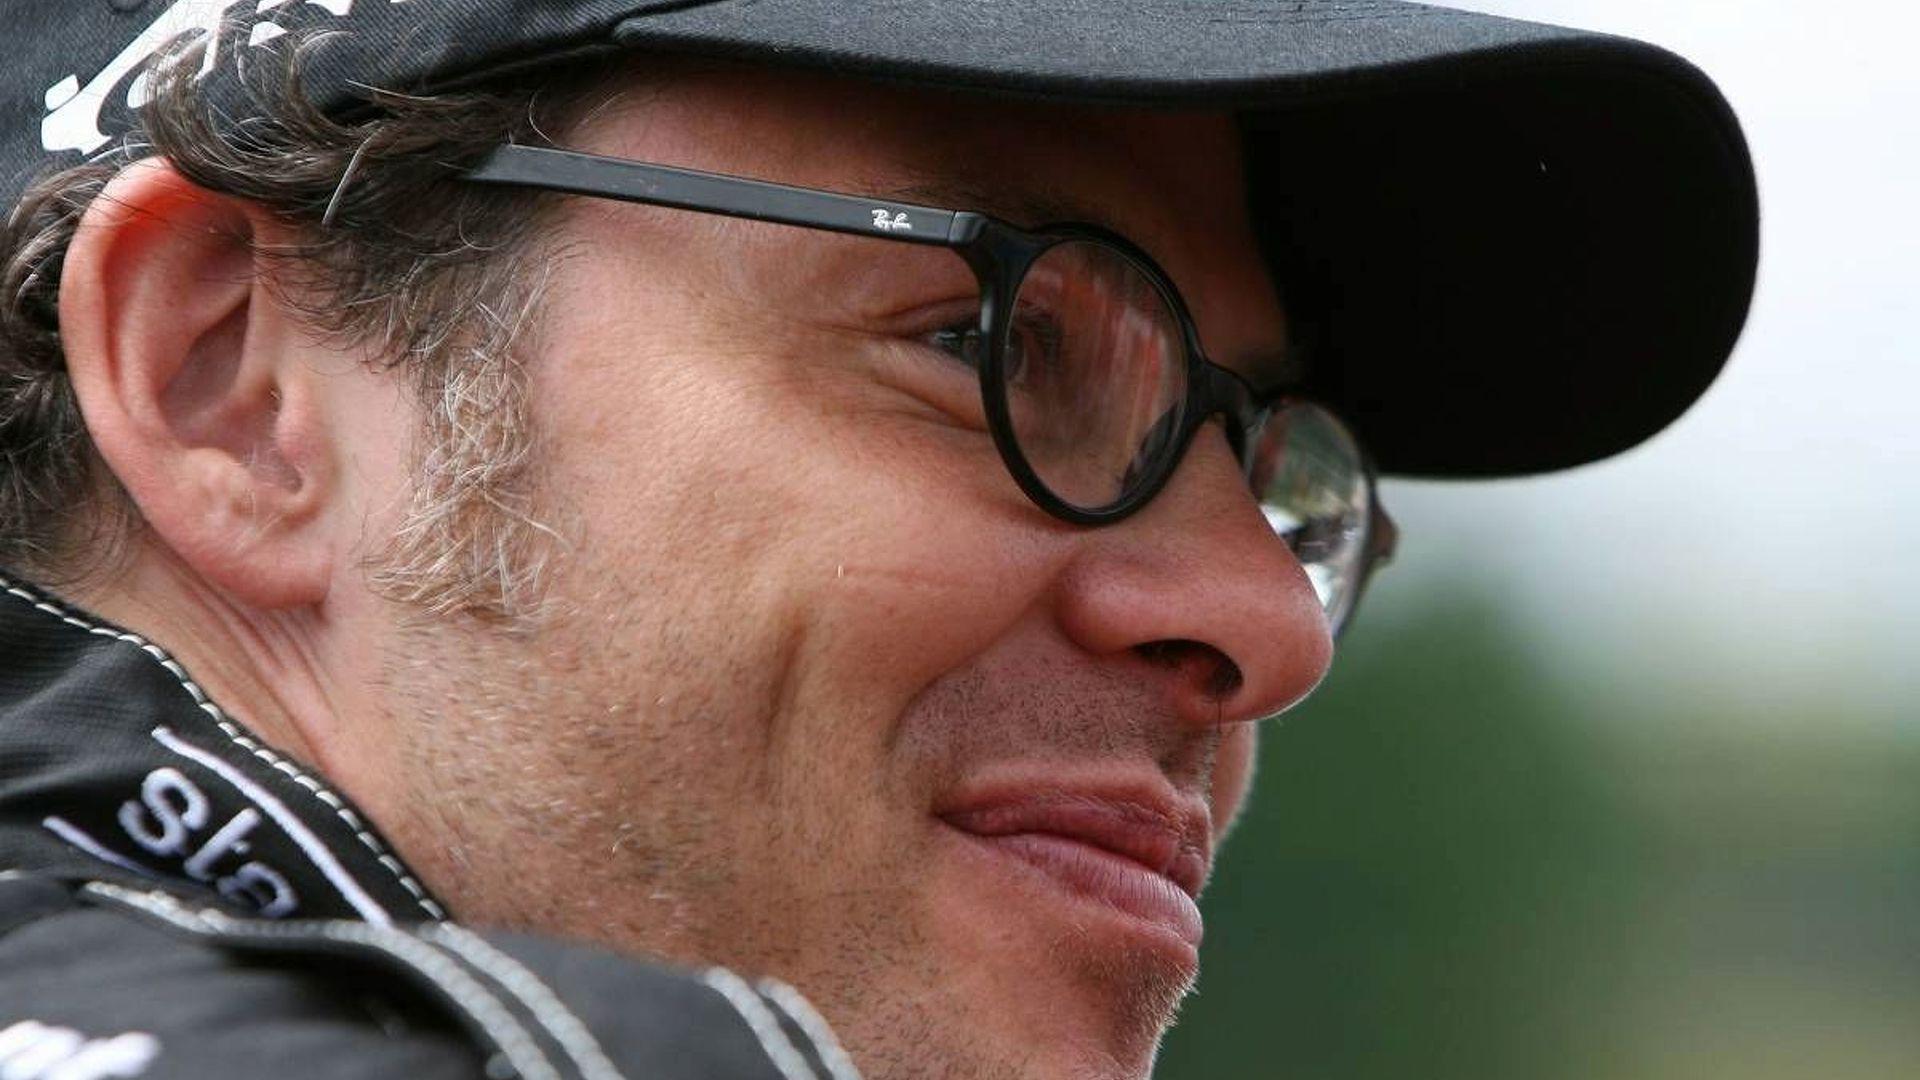 Villeneuve plays down F1 links to Gaddafi Jr